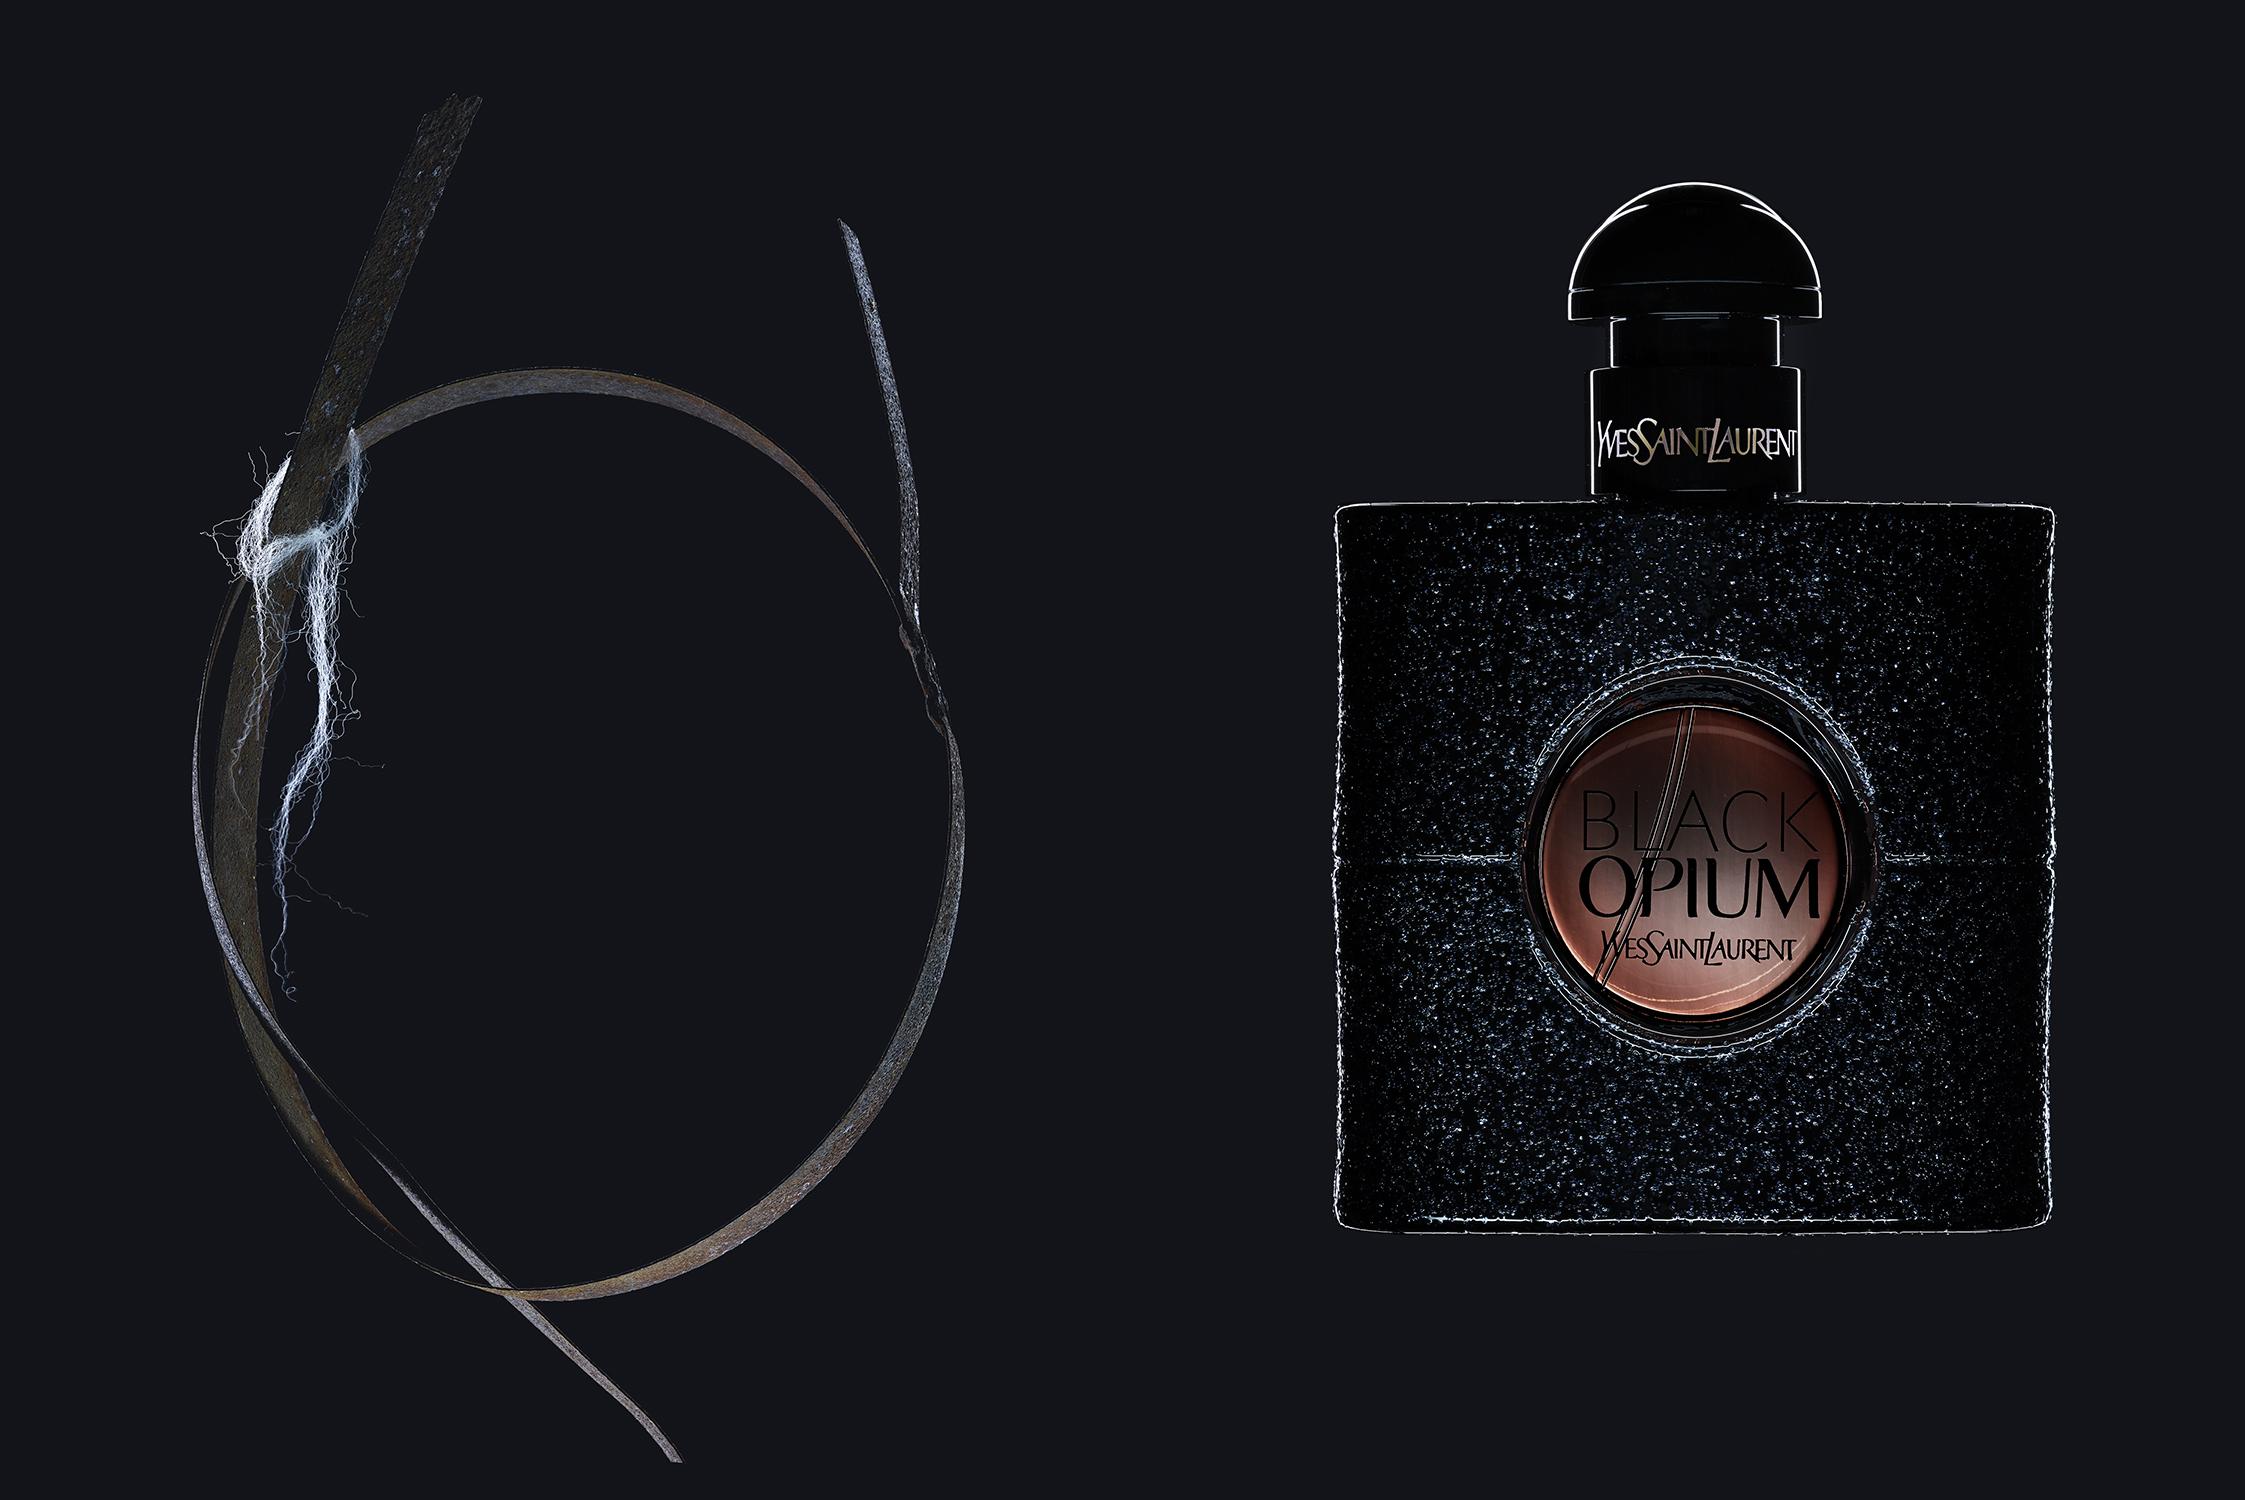 #140702-PW_Fragrance-3-4_H1500.jpg